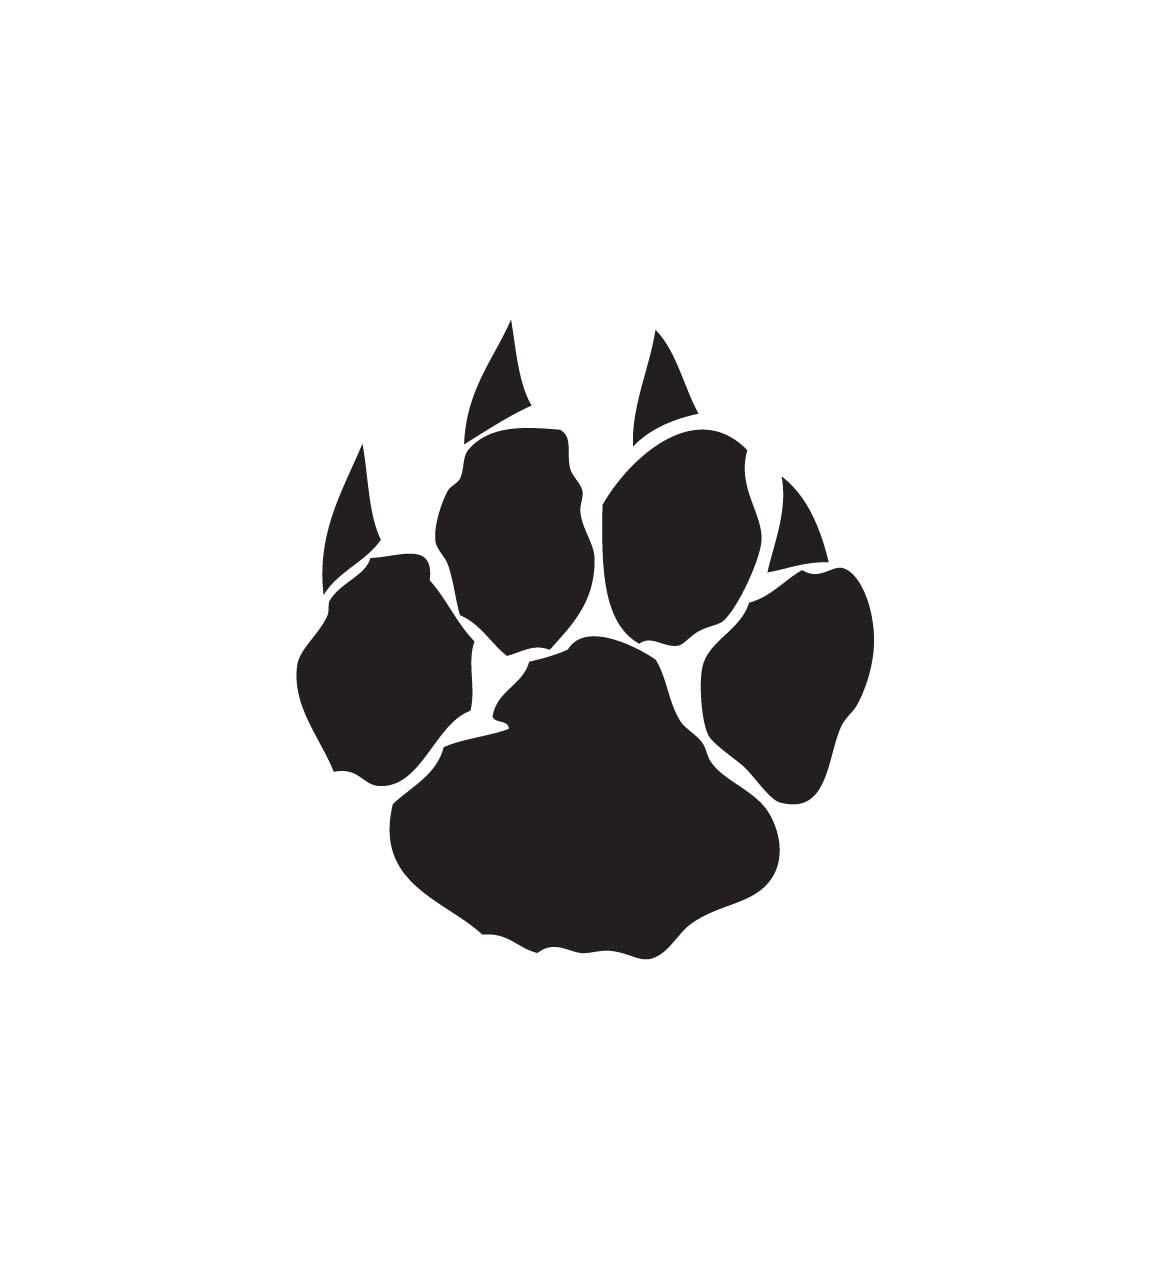 Wildcat paw prints